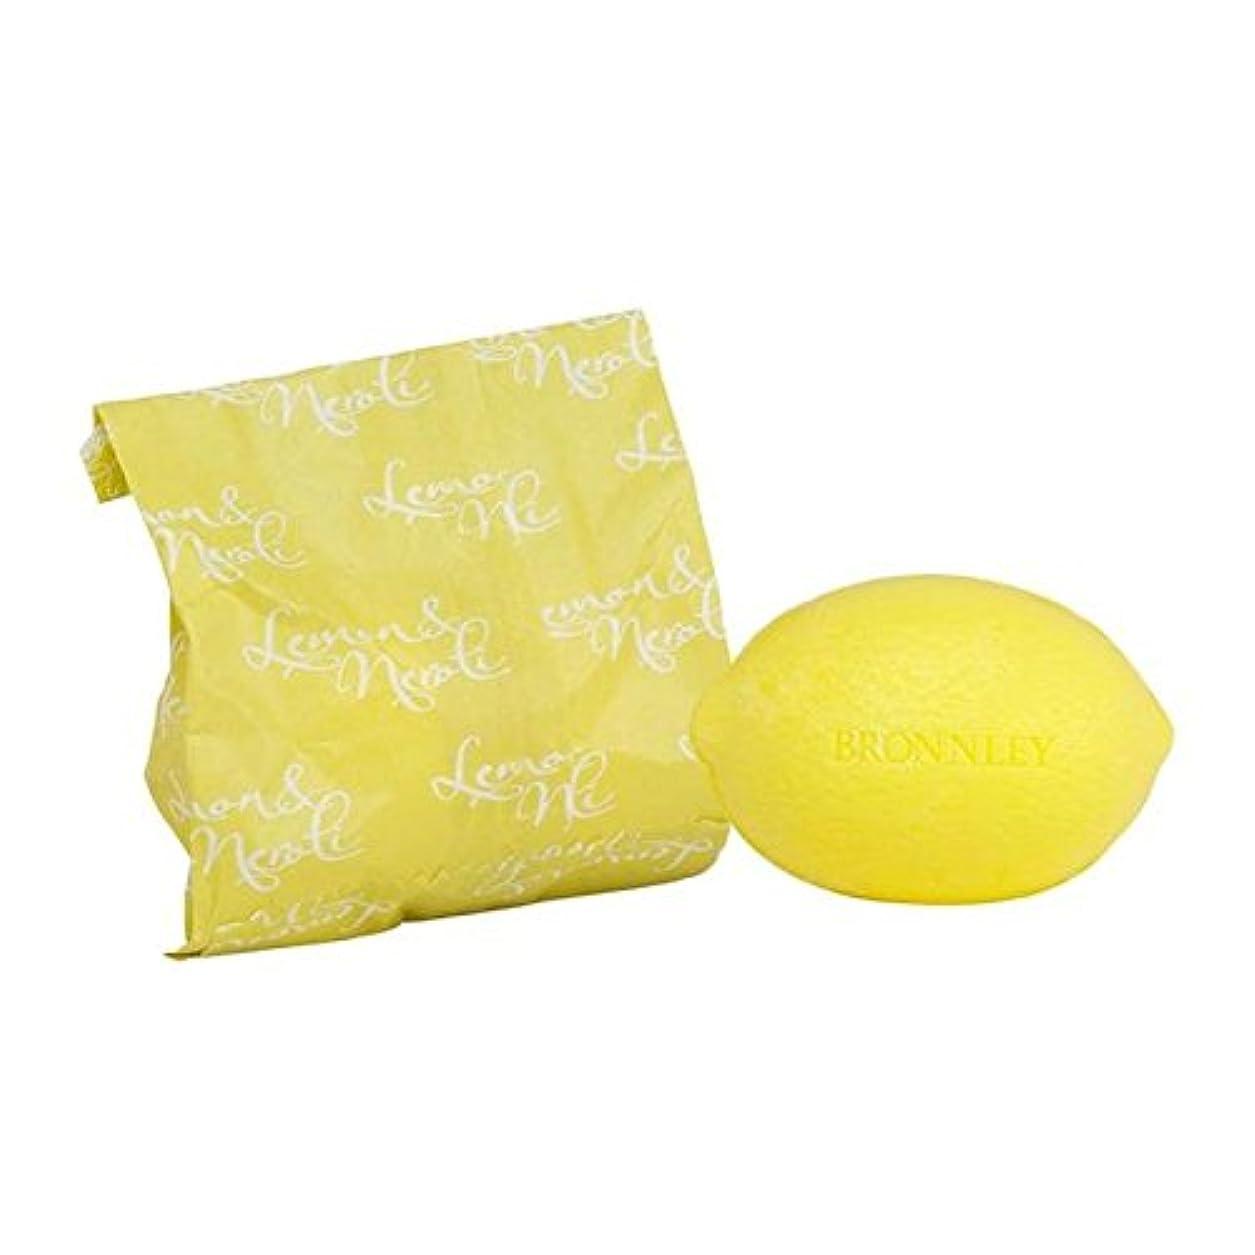 邪悪な可愛い物語レモン&ネロリ石鹸100グラム x4 - Bronnley Lemon & Neroli Soap 100g (Pack of 4) [並行輸入品]